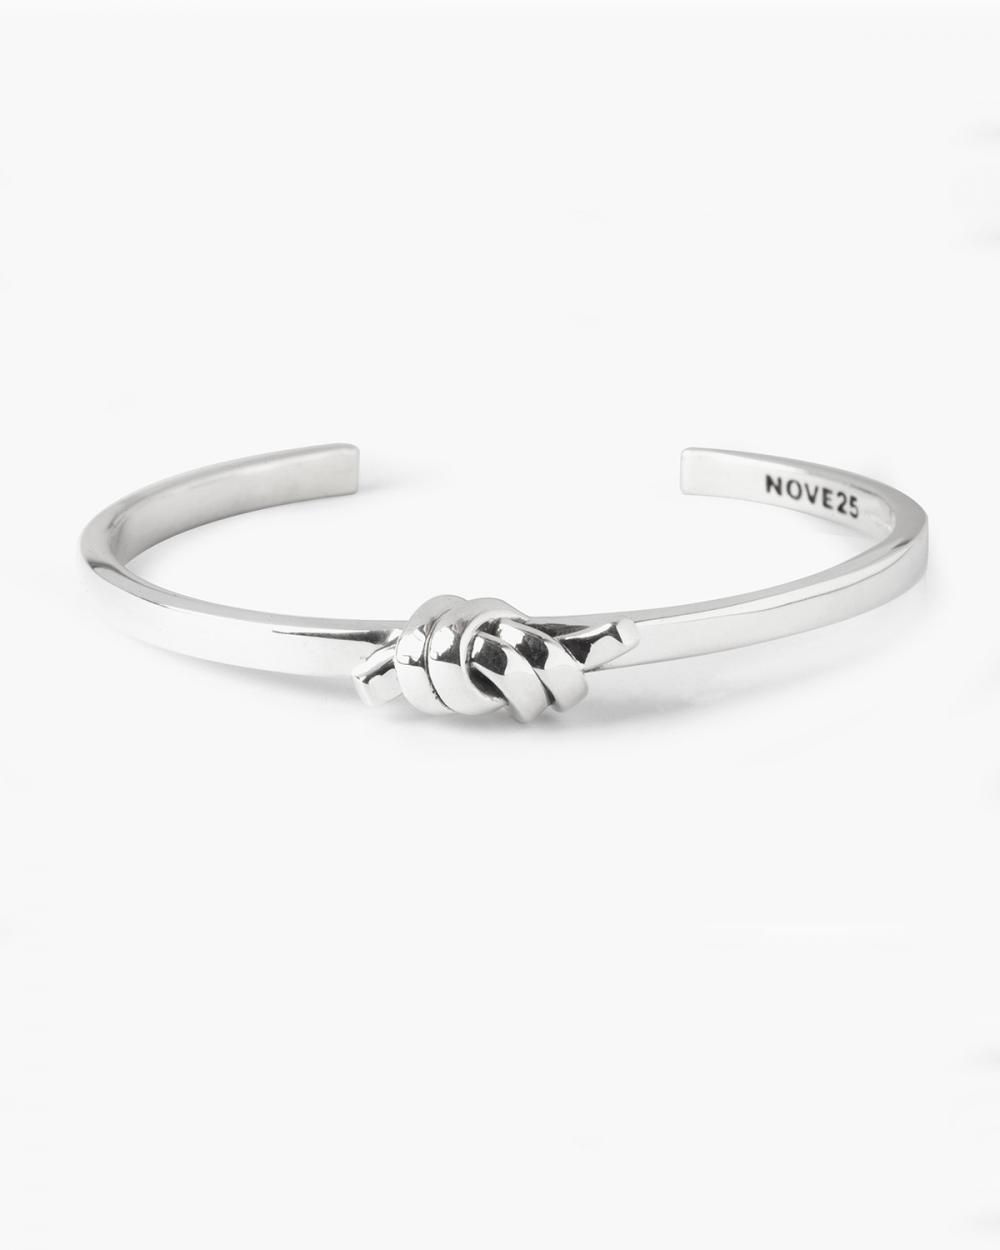 Bracelets KNOT BANGLE NOVE25